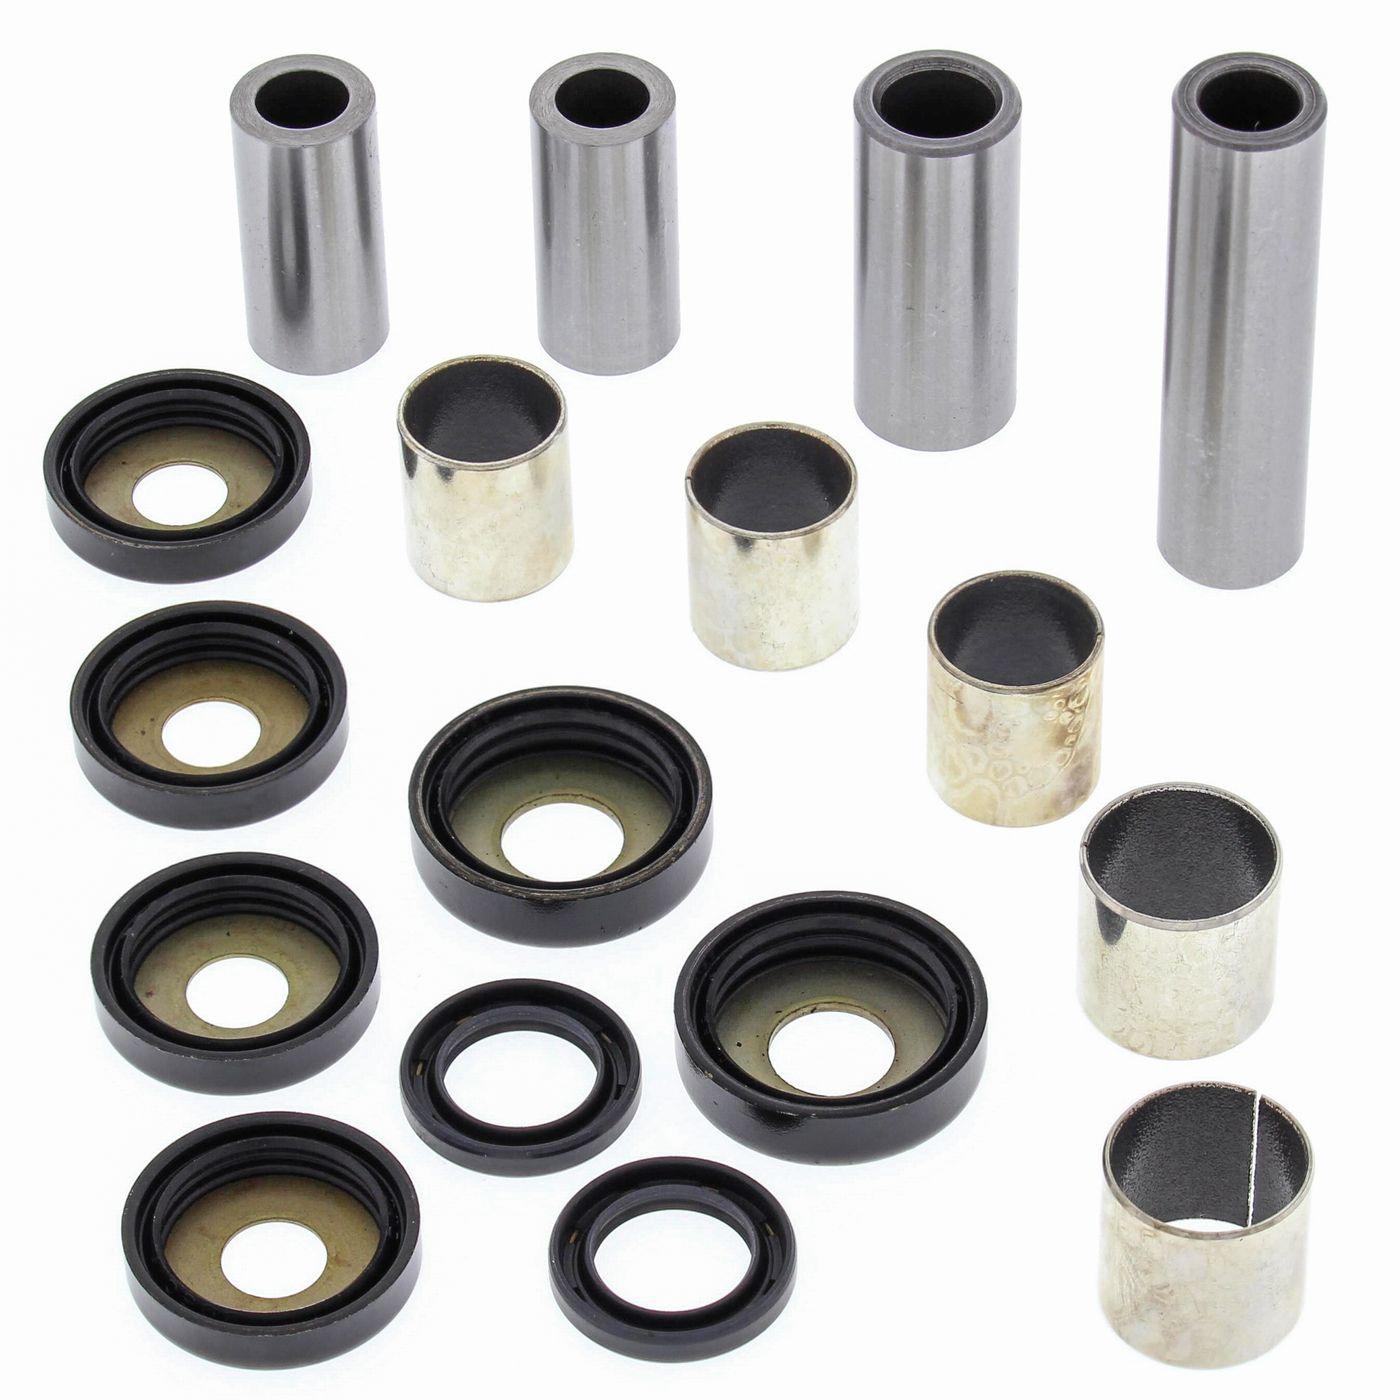 wrp shock linkage bearing kits - WRP271001 image